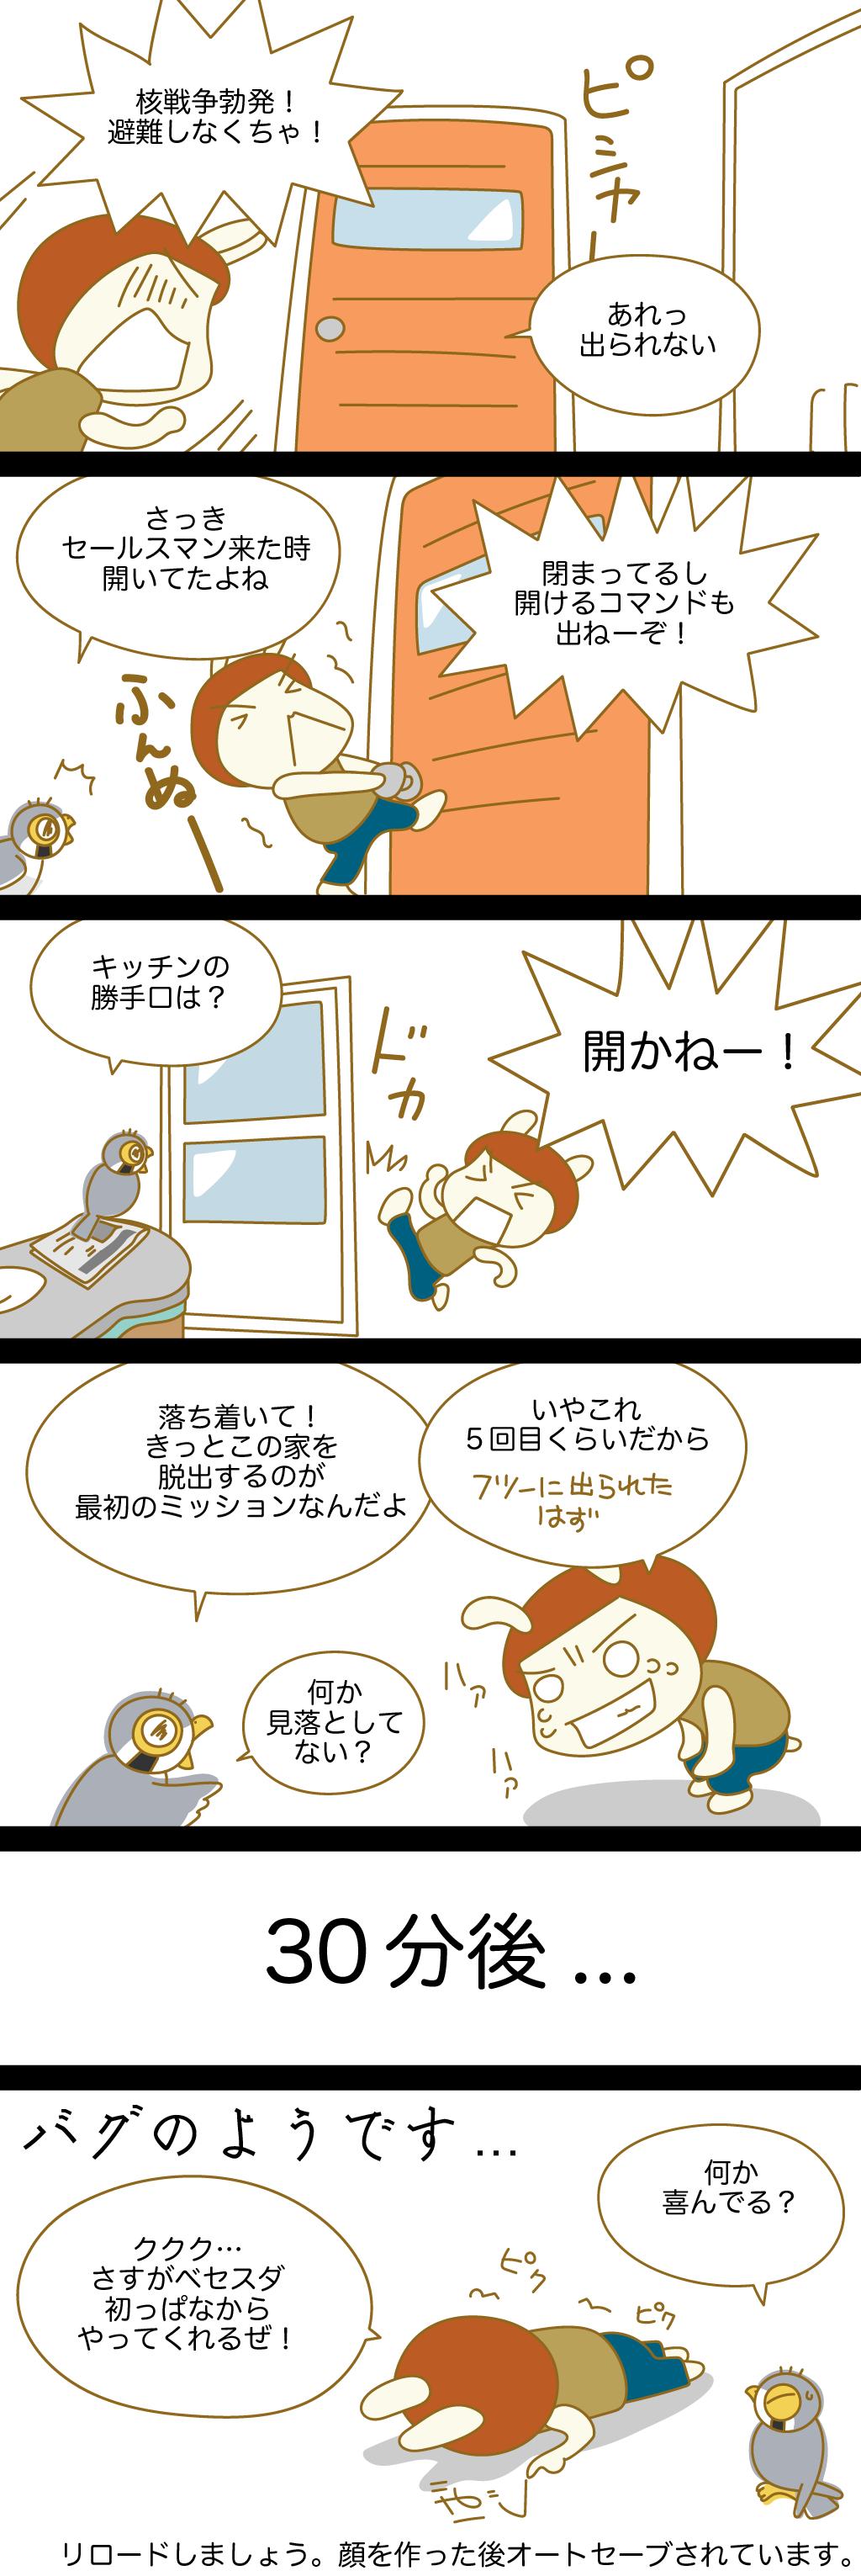 Fallout4漫画日記3「脱出ものだっけ?」